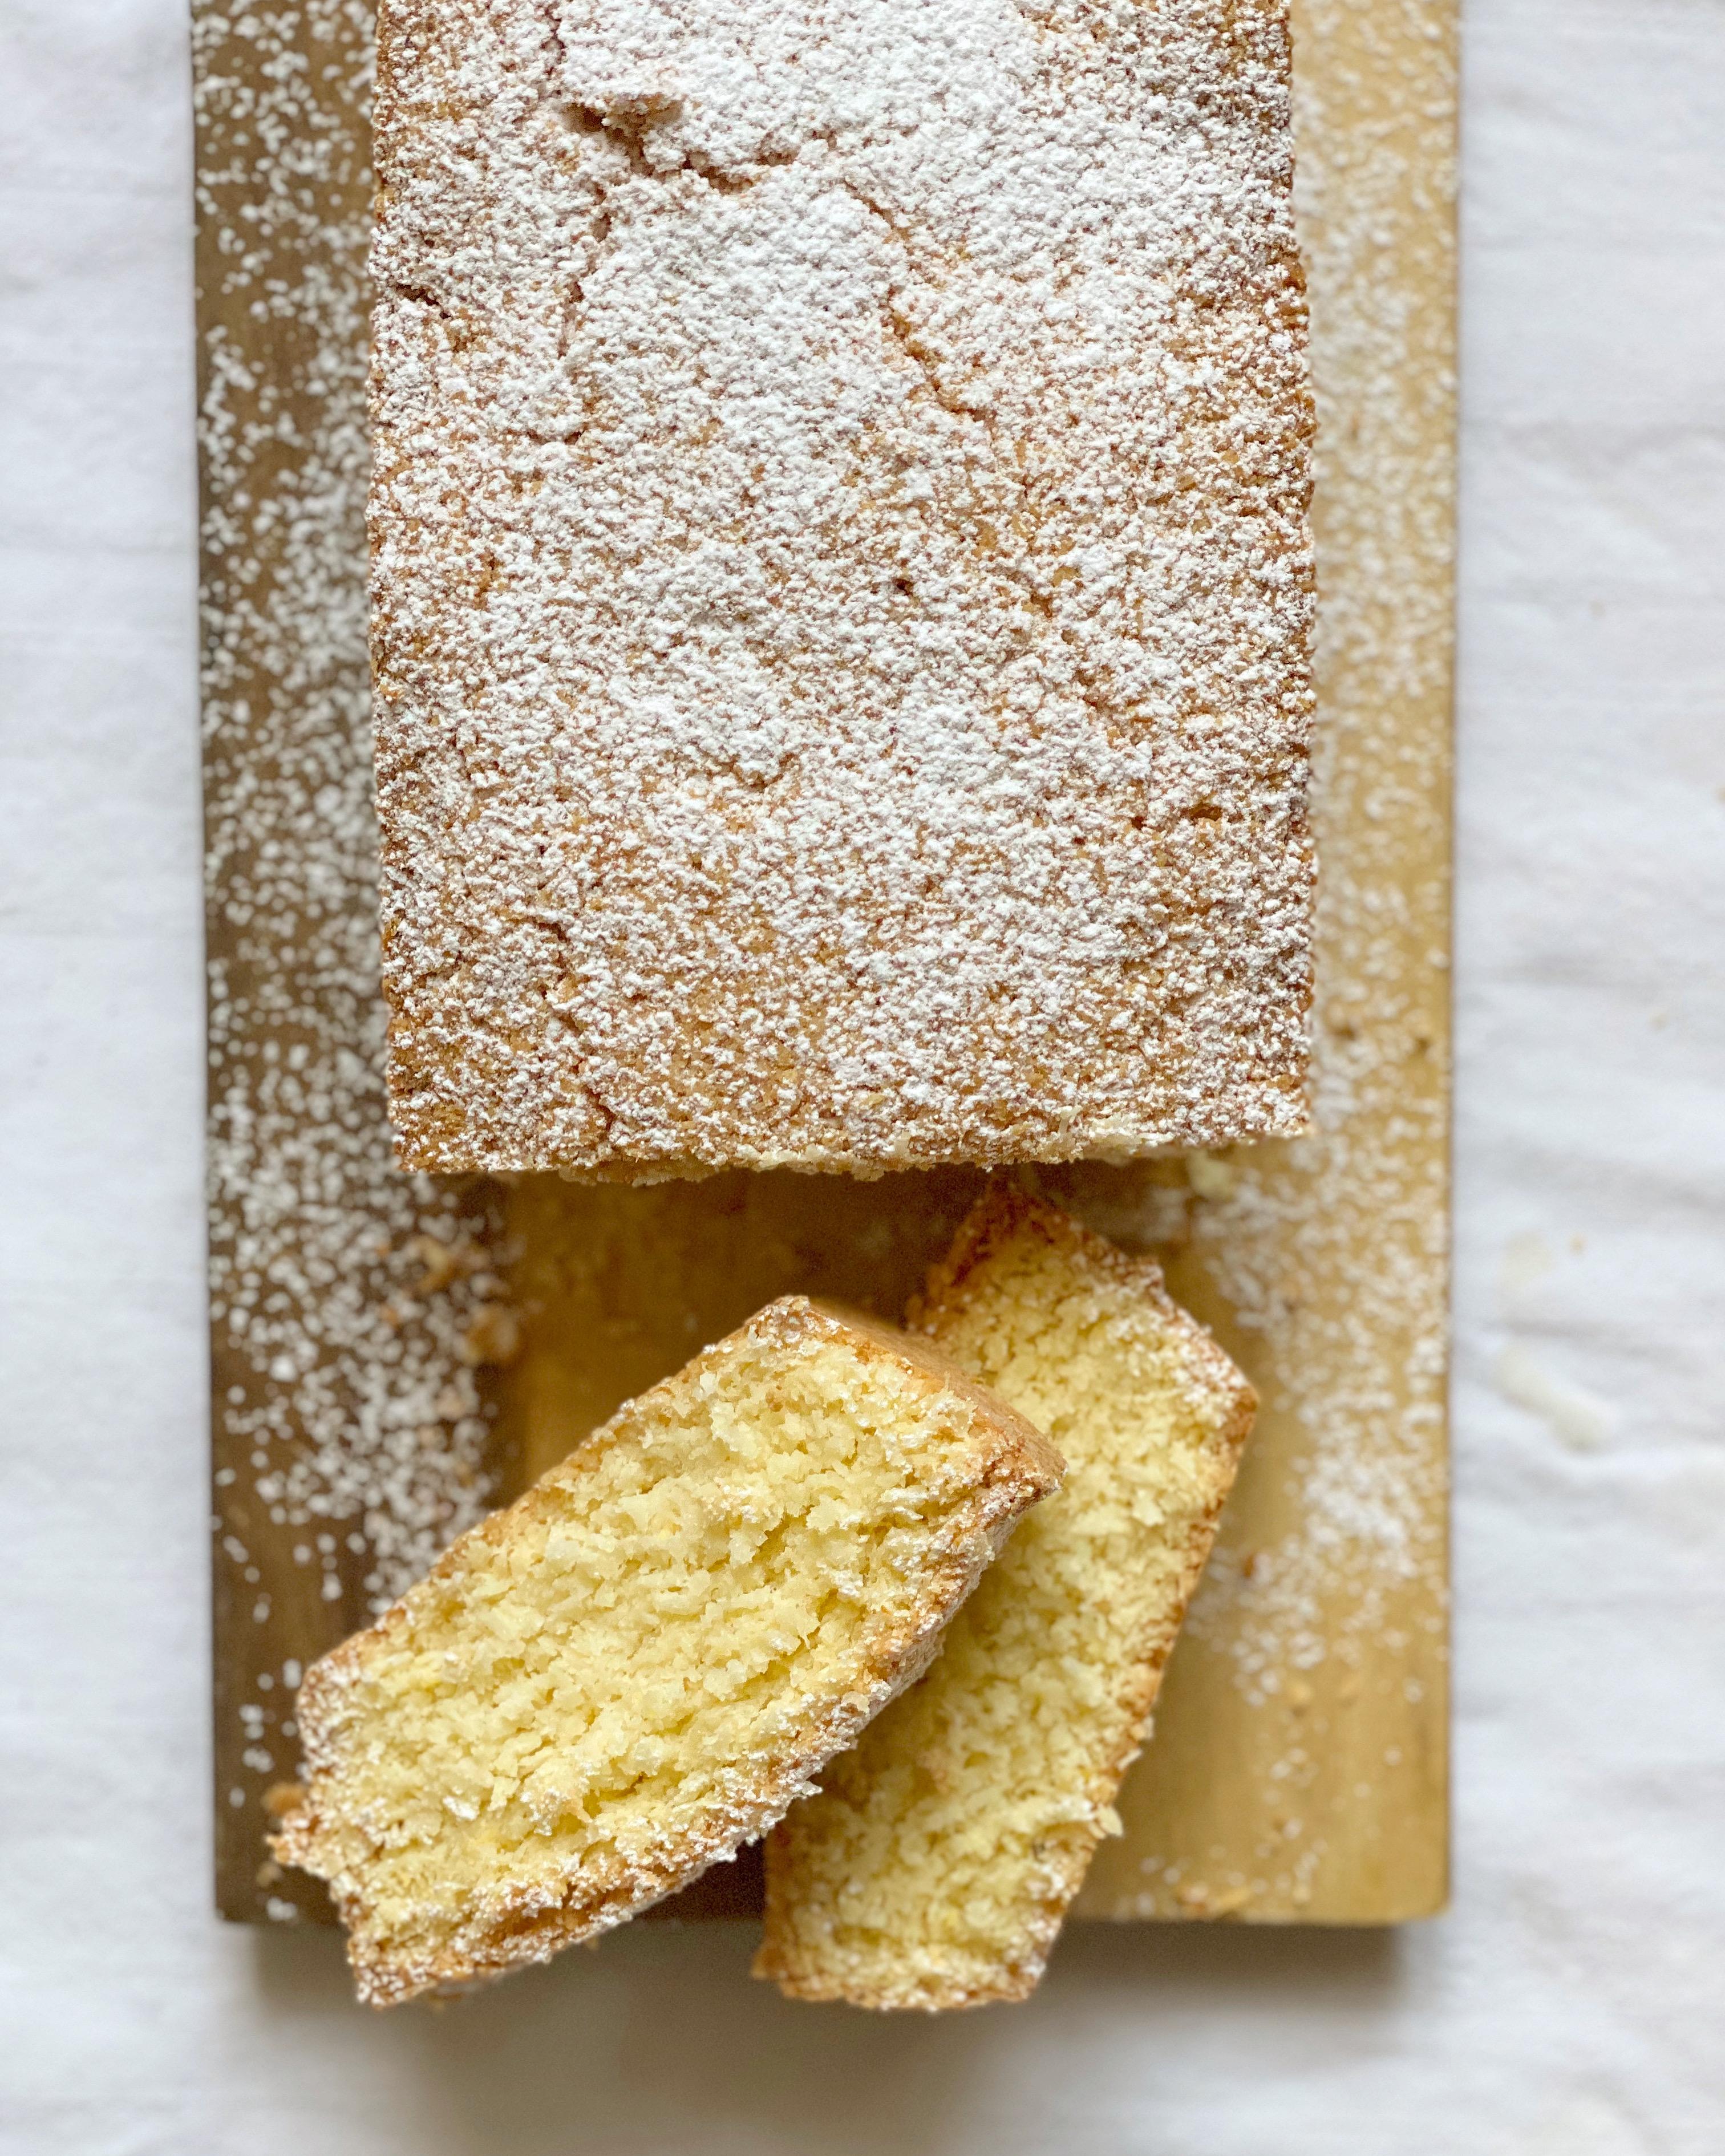 torta-al-cocco-senza-glutine-e-lattosio